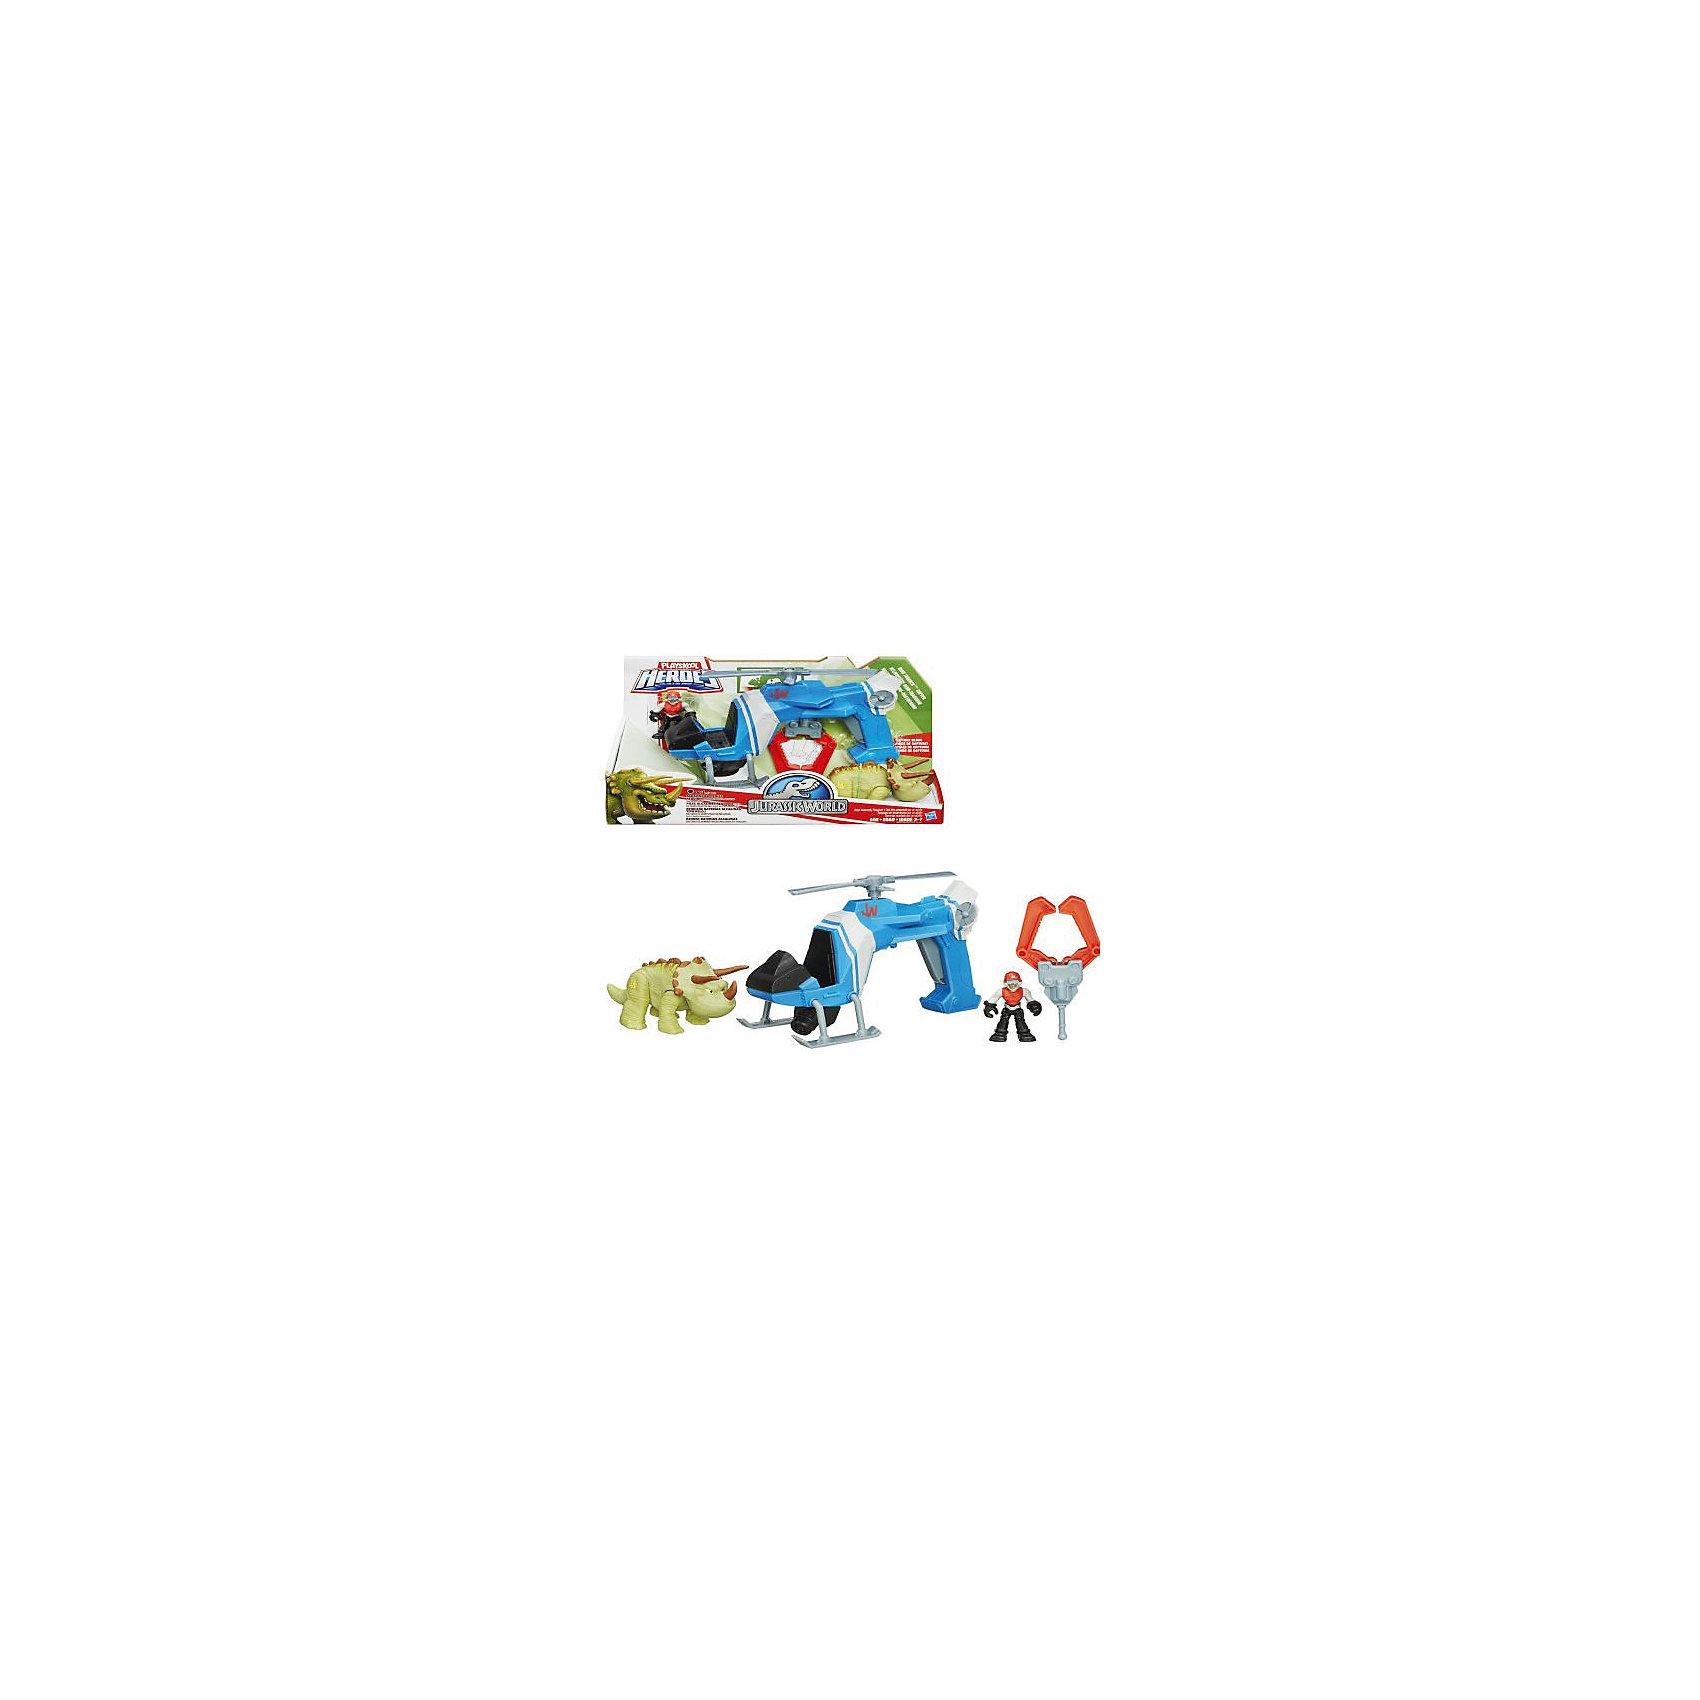 Набор: динозавр Трицератопс и транспортное средство, Мир Юрского ПериодаИгрушки<br>Набор: динозавр Трицератопс и транспортное средство, Мир Юрского Периода<br><br>Характеристики:<br><br>• в комплекте: фигурка трицератопса, фигурка человека, вертолет<br>• материал: пластмасса<br>• размер упаковки: 30,5х20х10,7 см<br>• вес: 820 грамм<br>• длина вертолета: 23 см<br>• высота фигурки: 6 см<br>• размер динозавра: 13 см<br>• батарейки: AG13/LR44 - 3шт. (входят в комплект)<br><br>Набор от Хасбро понравится юным любителям динозавров. В комплекте есть тщательно проработанная фигурка трицератопса, фигурка человека и вертолет. Ребенок сможет организовать операцию по спасению динозавра, транспортировать его или придумать любой другой сюжет. Фигурка человека хорошо помещается в вертолете. Сам вертолет управляется с помощью рукоятки и может крутить лопастями при нажатии на кнопку. Этот набор точно не даст ребенку заскучать!<br><br>Набор: динозавр Трицератопс и транспортное средство, Мир Юрского Периода можно купить в нашем интернет-магазине.<br><br>Ширина мм: 108<br>Глубина мм: 305<br>Высота мм: 203<br>Вес г: 835<br>Возраст от месяцев: 36<br>Возраст до месяцев: 84<br>Пол: Мужской<br>Возраст: Детский<br>SKU: 4163208